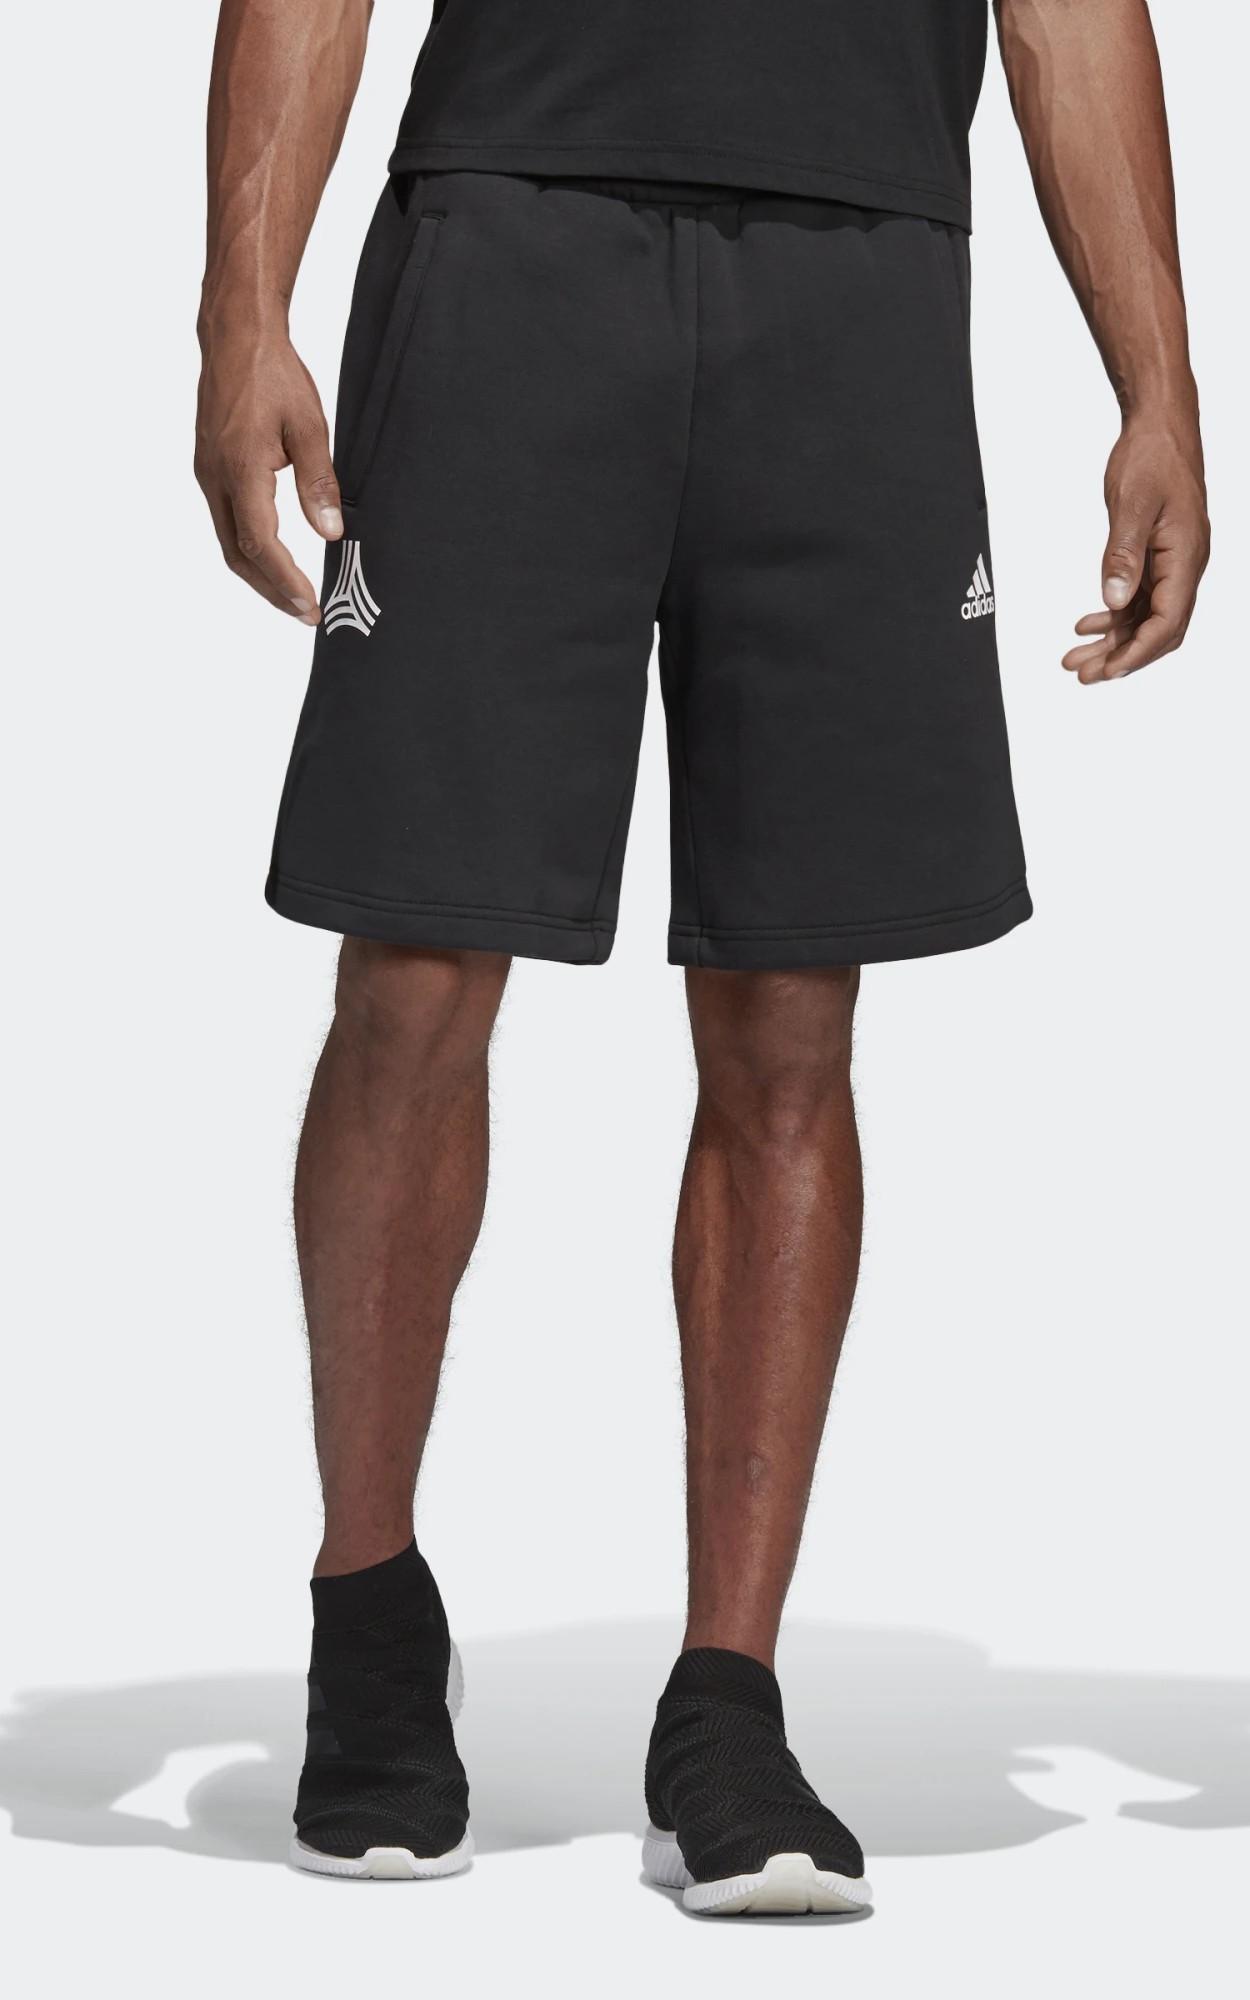 Adidas Pantaloncini Shorts Tango Graphic sweat Nero 2019 cotone con tasche